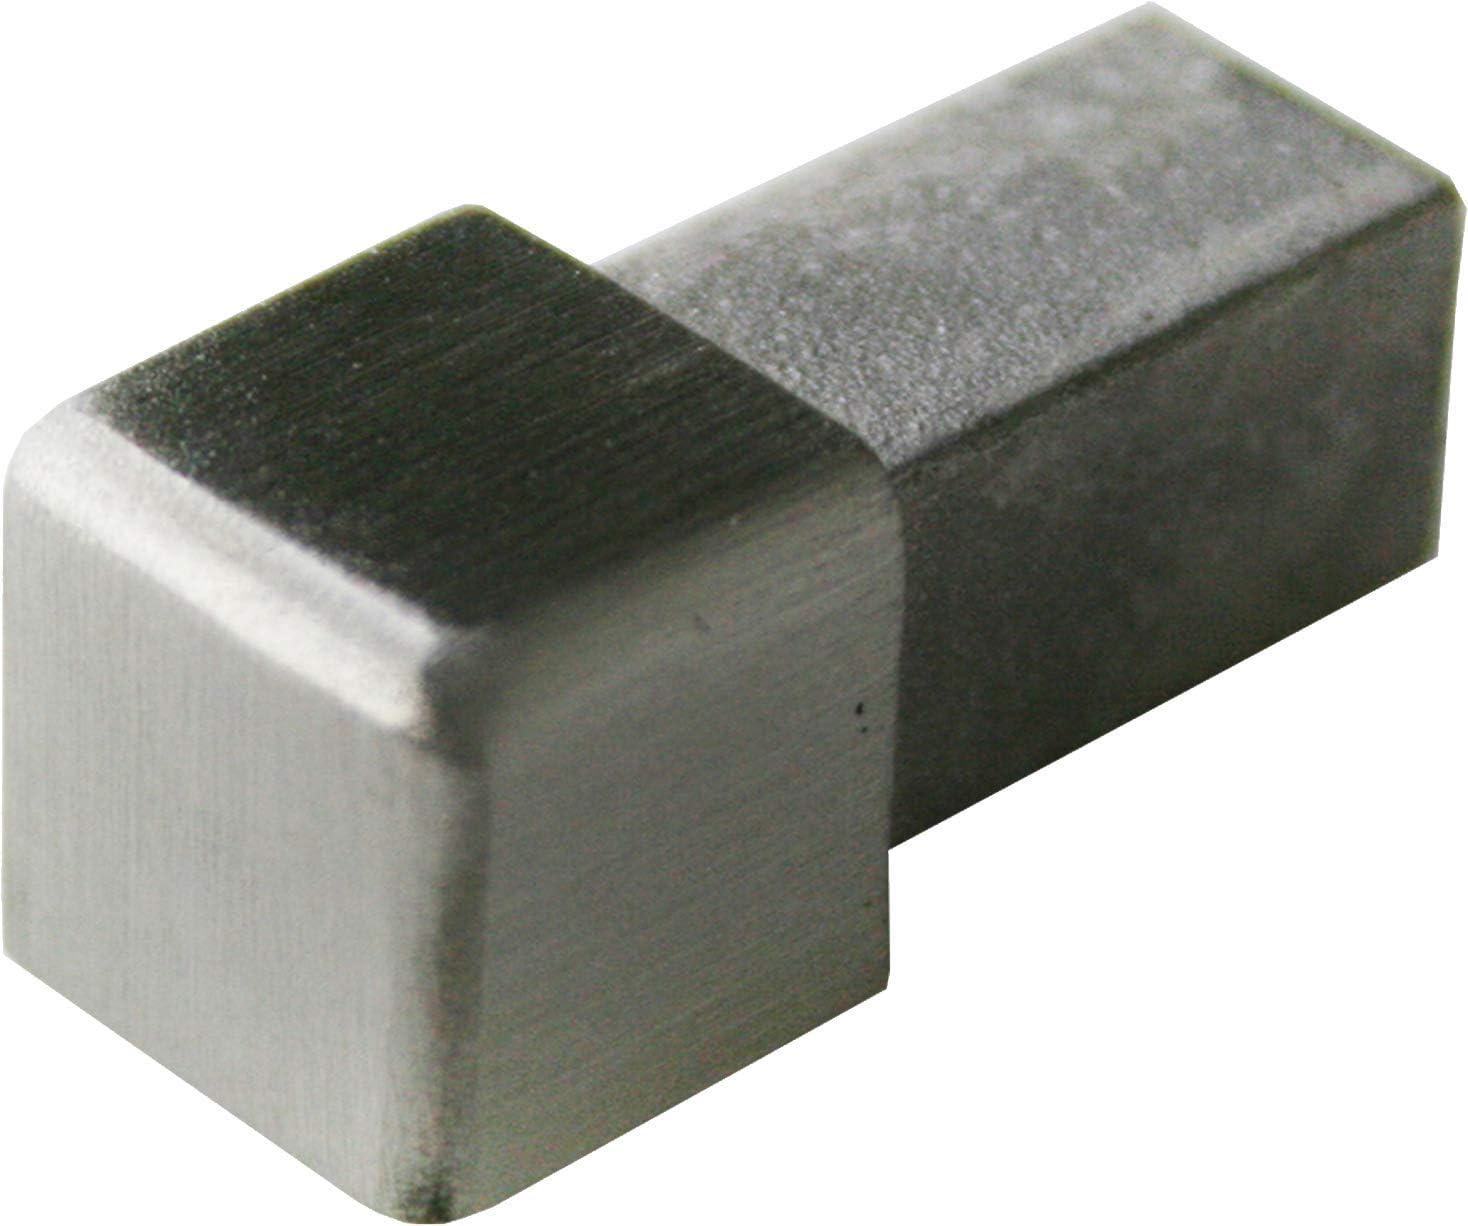 materiale 1mm non /è possibile torcersi 2,5 METRO profili 250cm Altezza: 8mm PREMIO profili per pavimenti quadro acciaio inox V2A satinate